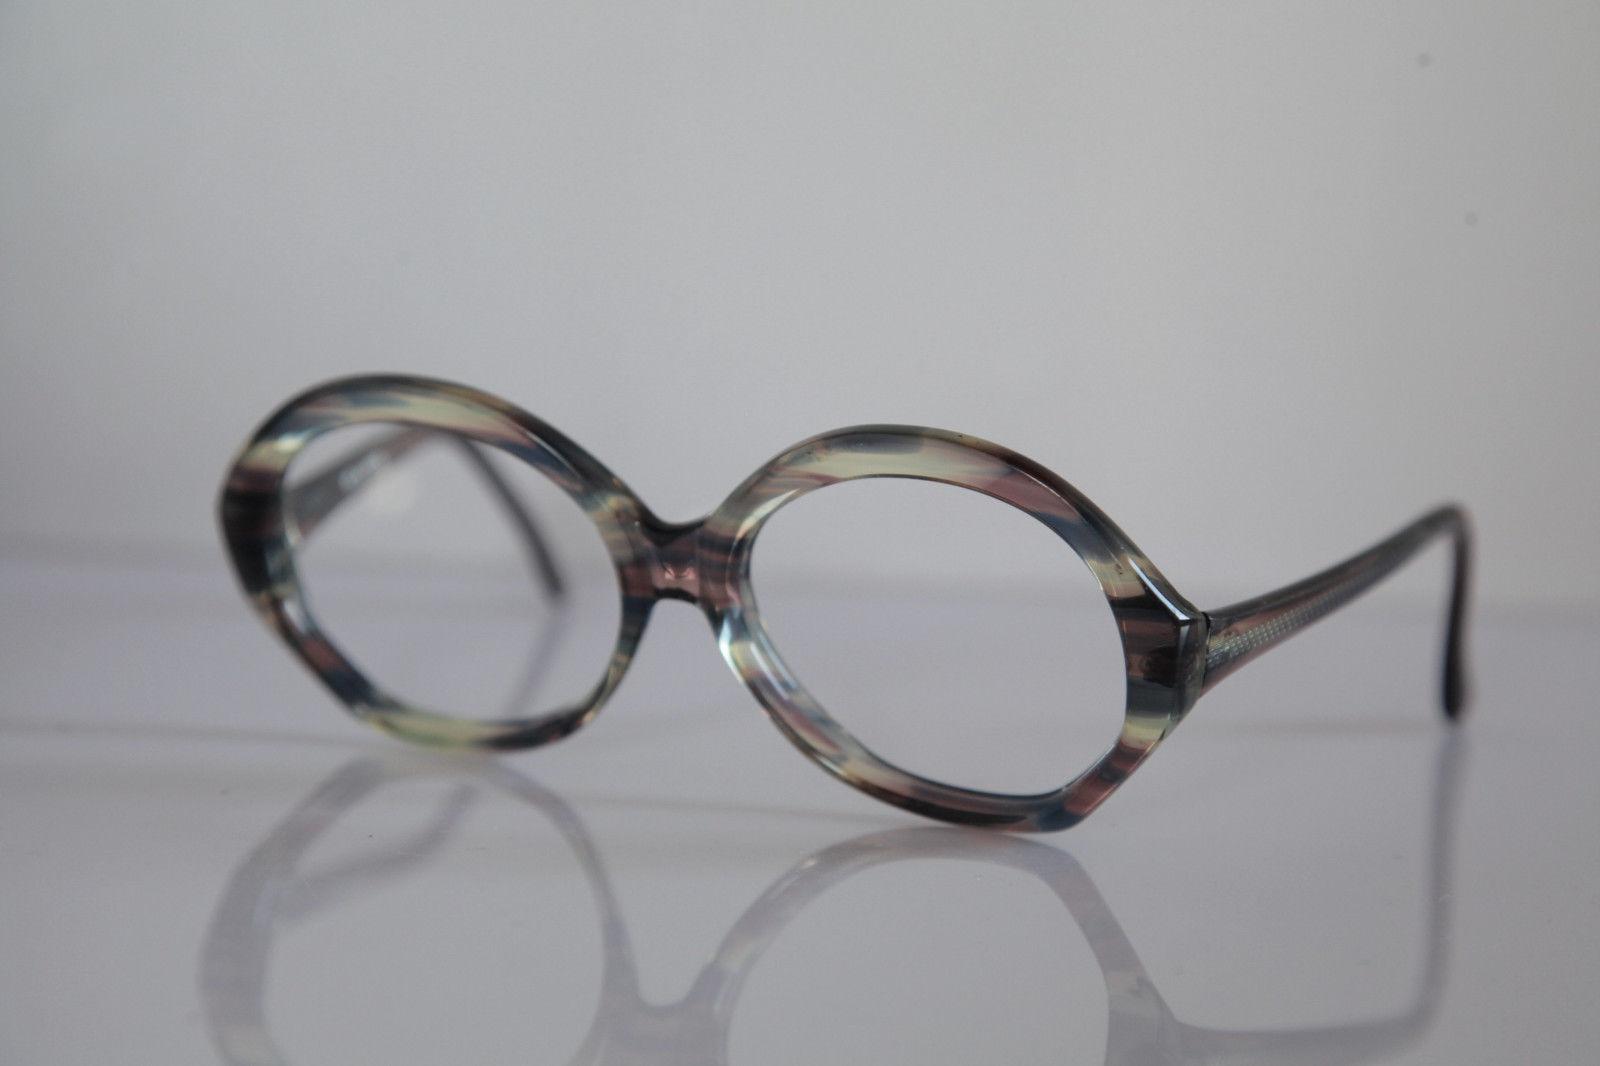 koln optik finesse eyewear multi color frame